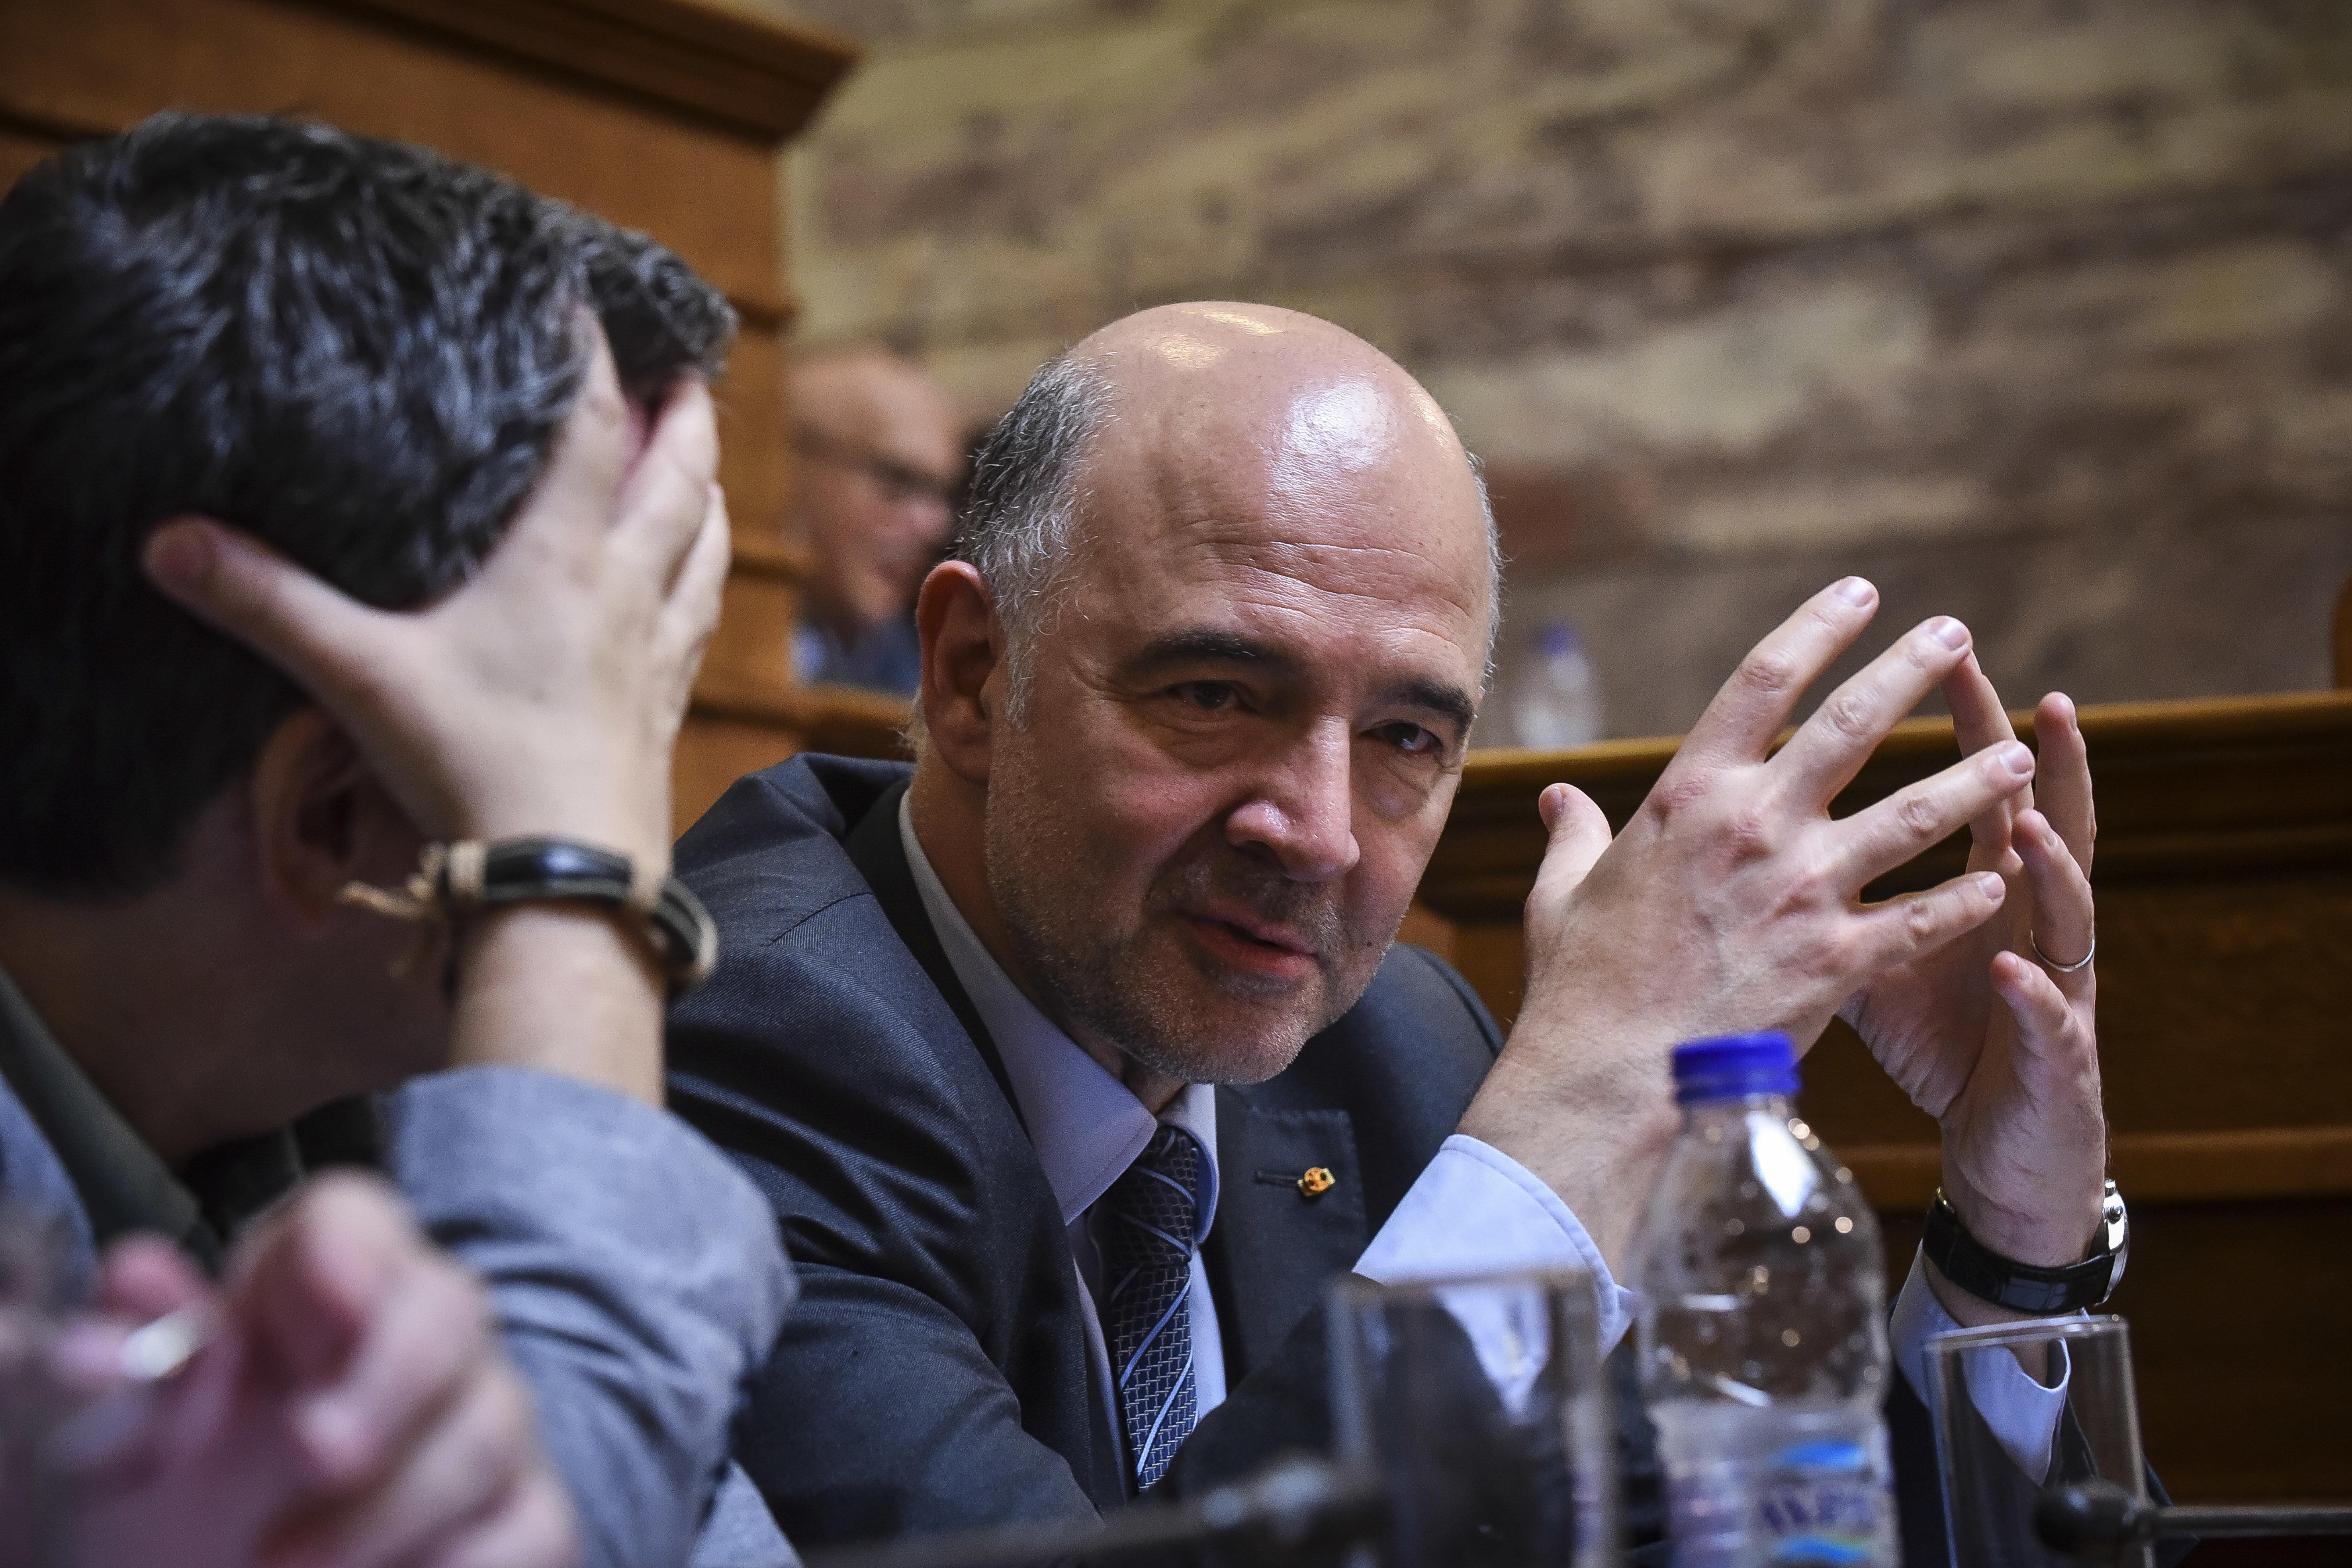 Μοσκοβισί ενόψει της ολοκλήρωσης του ελληνικού προγράμματος: Συλλογικά ισχυρότερη η Ευρώπη μετά την